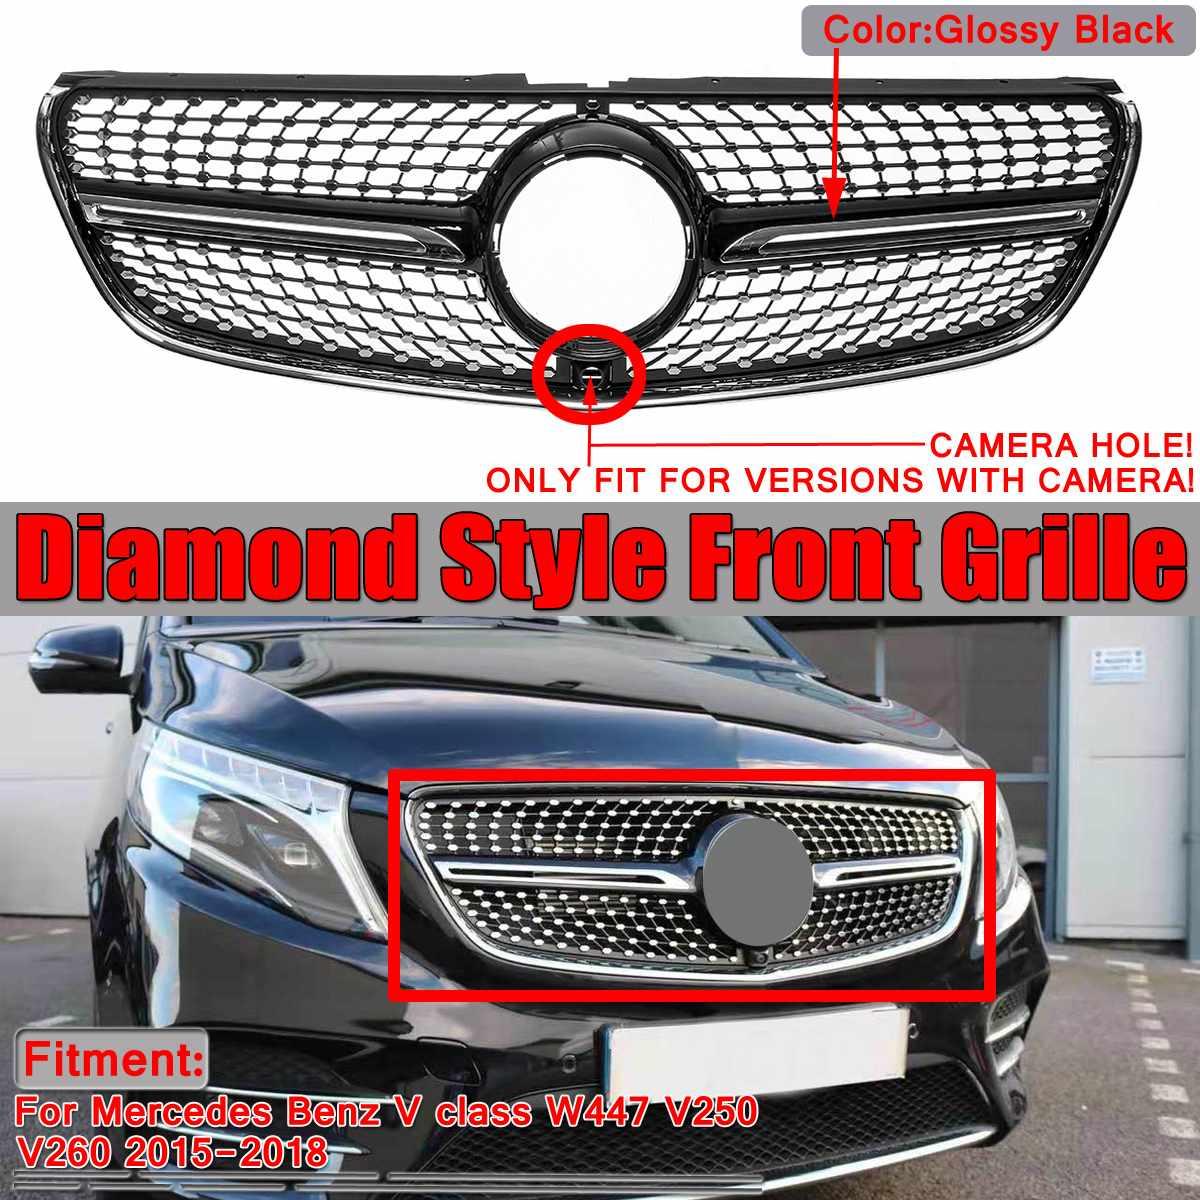 Rejilla de rejilla de diamante W447 para coche con cámara para Mercedes Benz clase V W447 V250 V260 2015-2018 negro/cromo